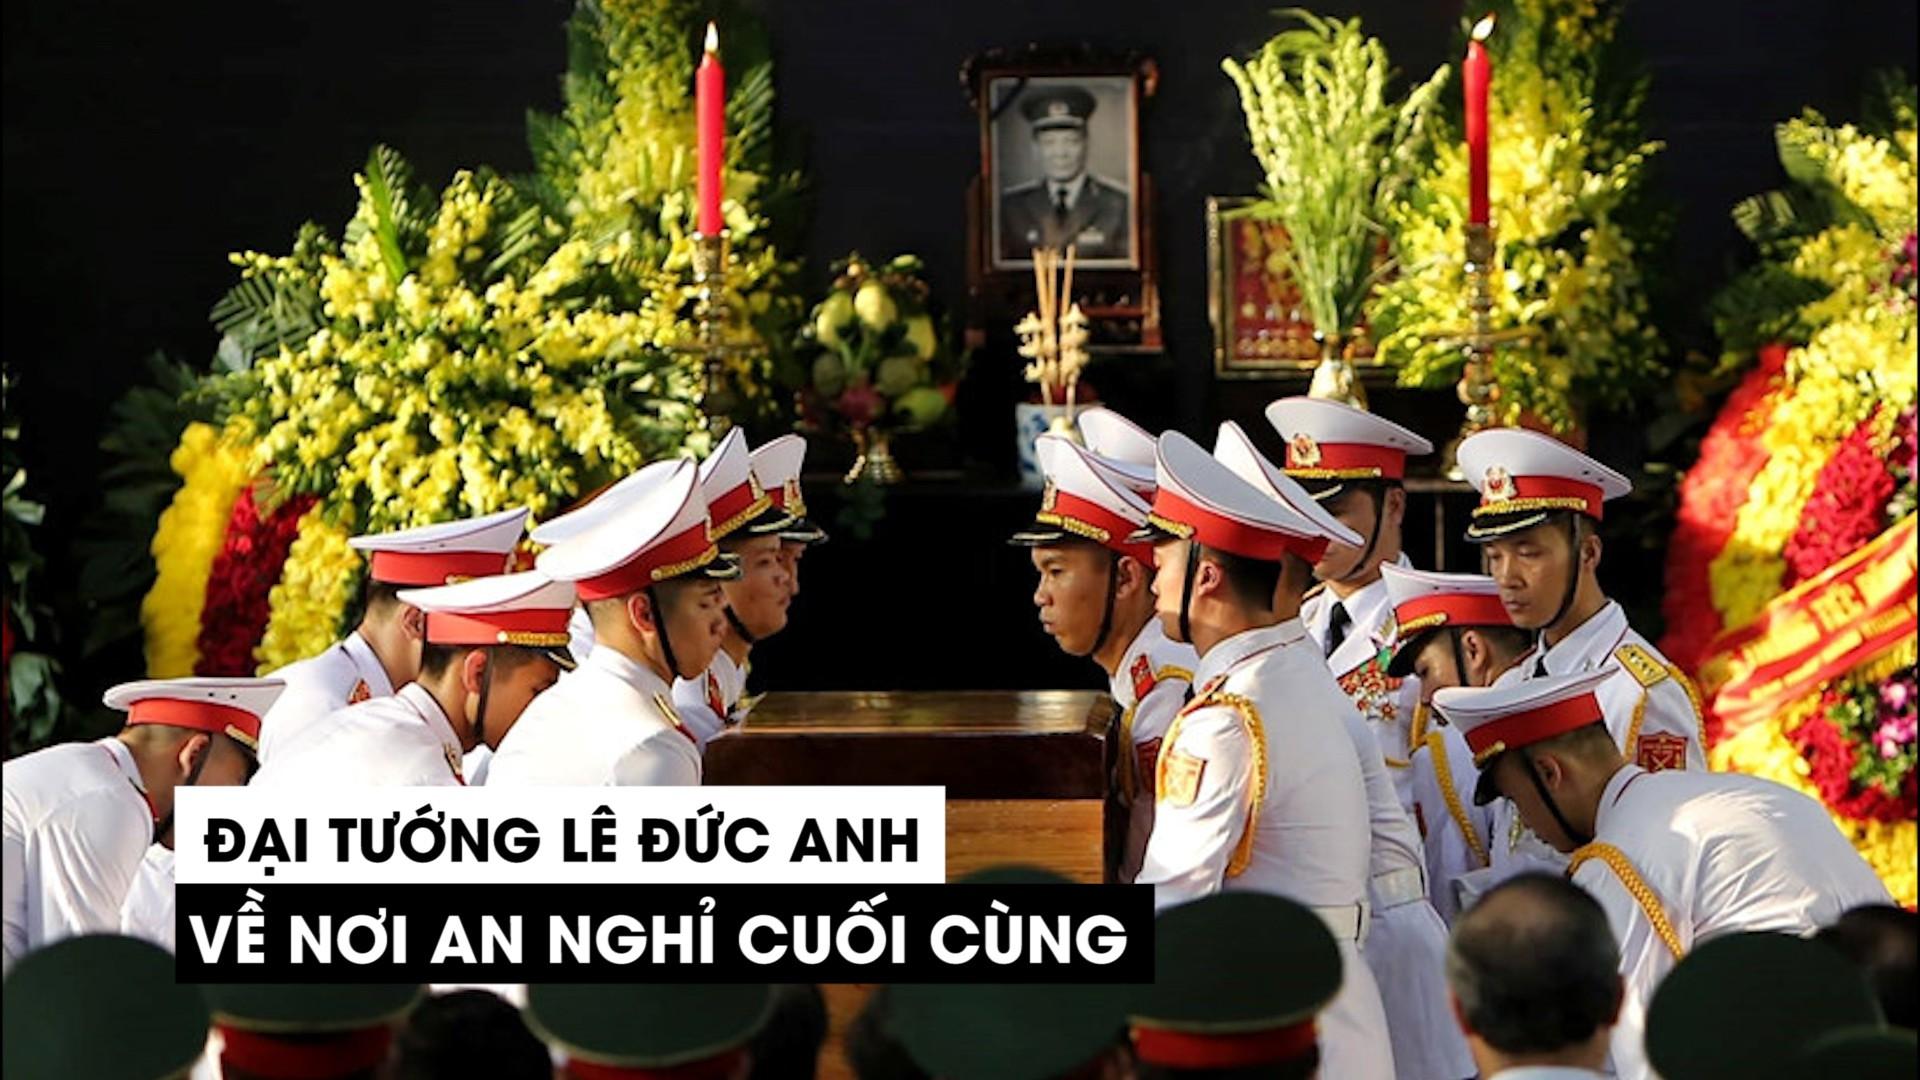 Nguyên chủ tịch nước, đại tướng Lê Đức Anh đã về nơi an nghỉ cuối cùng